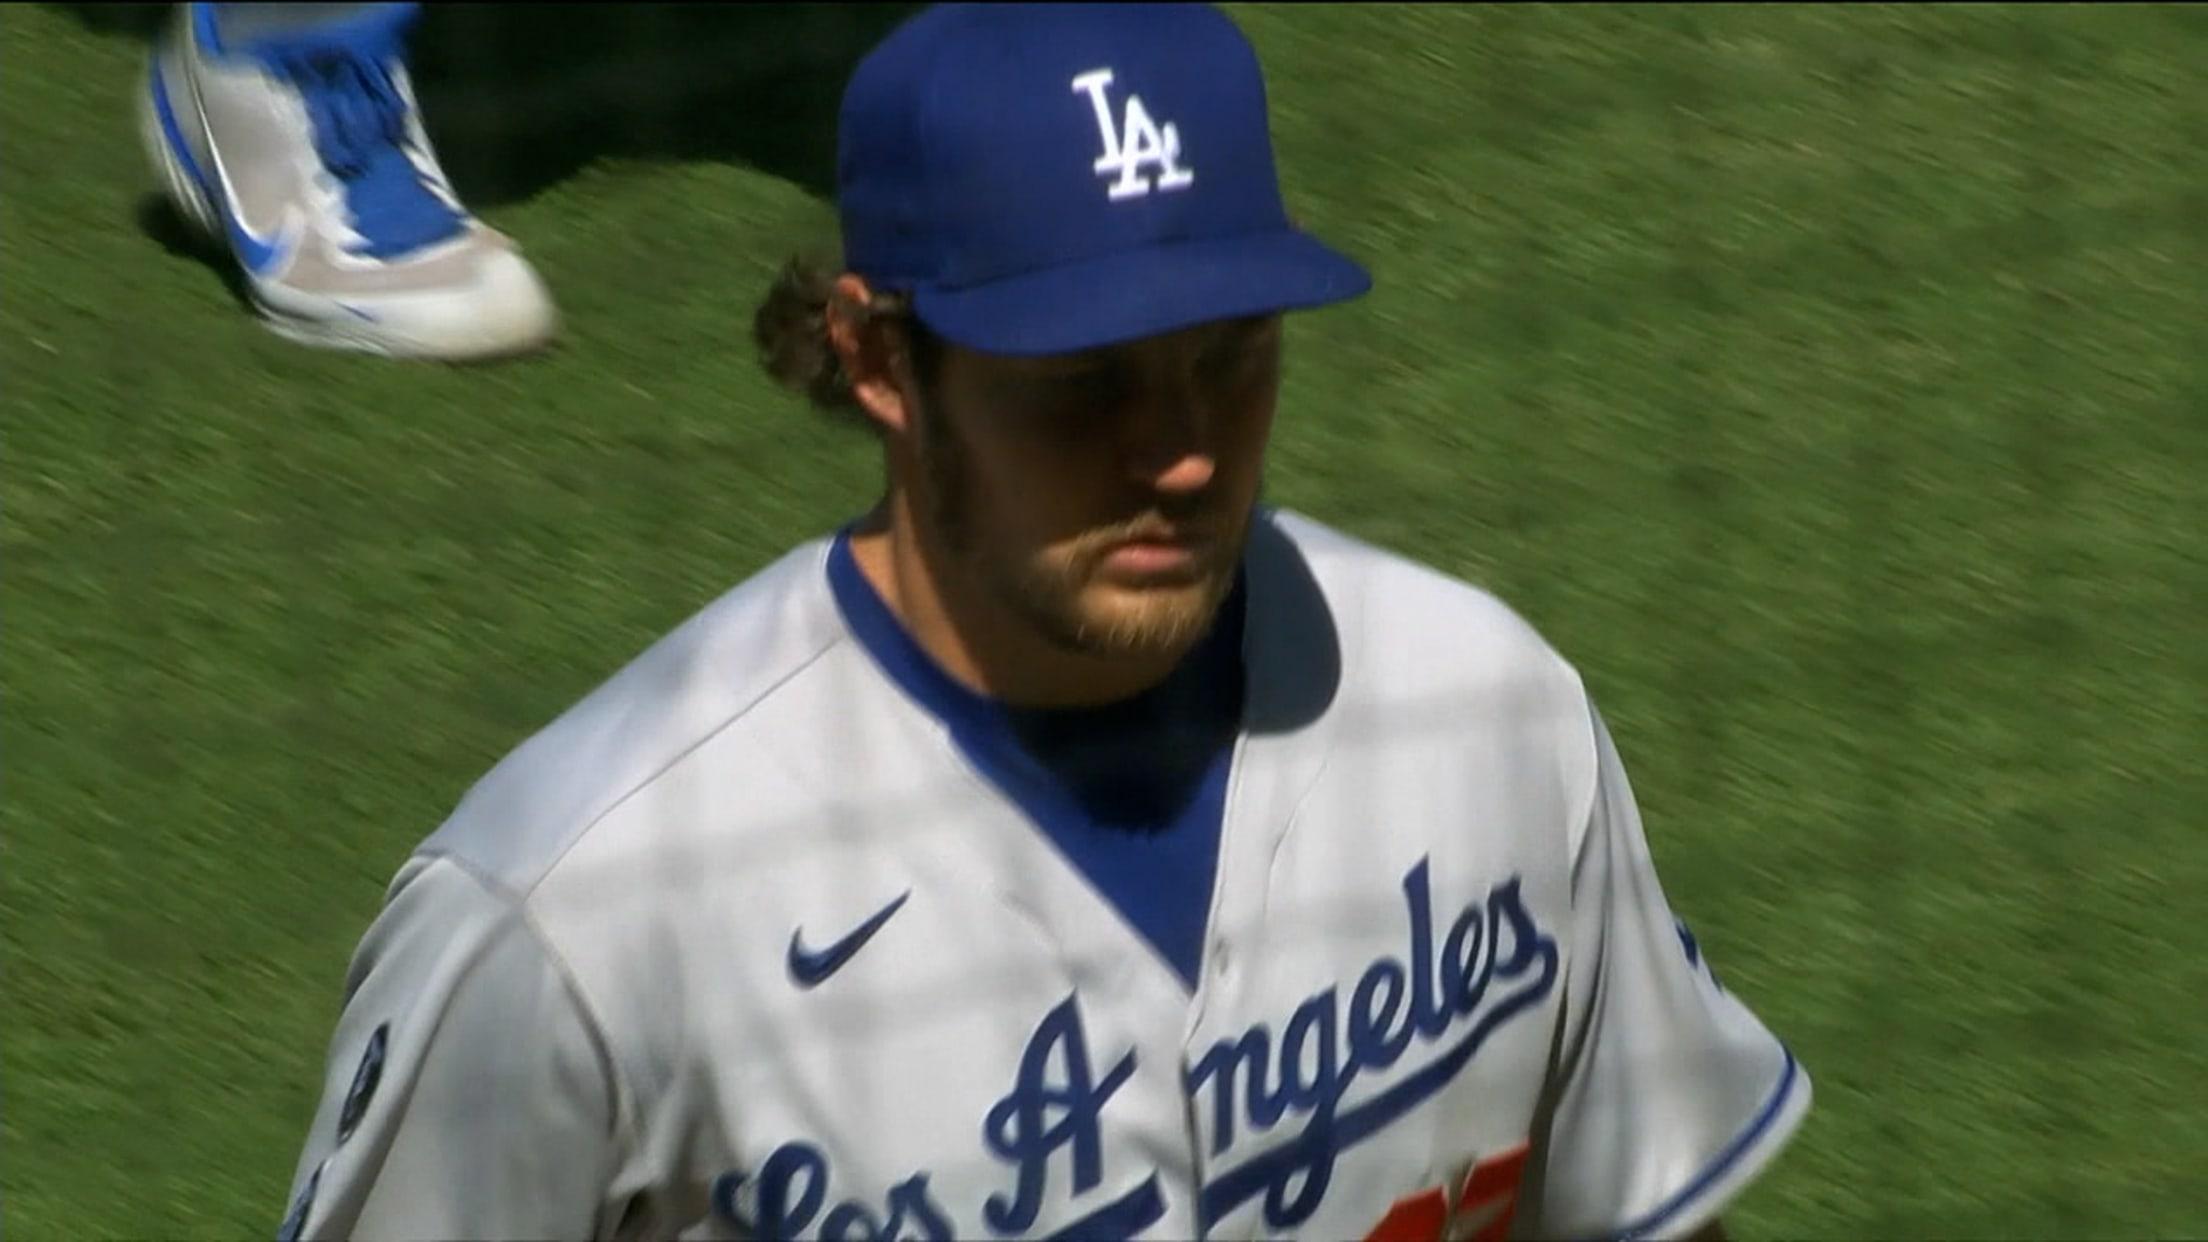 【MLB】ドジャース トレバー・バウアー 投球ダイジェスト 4.19